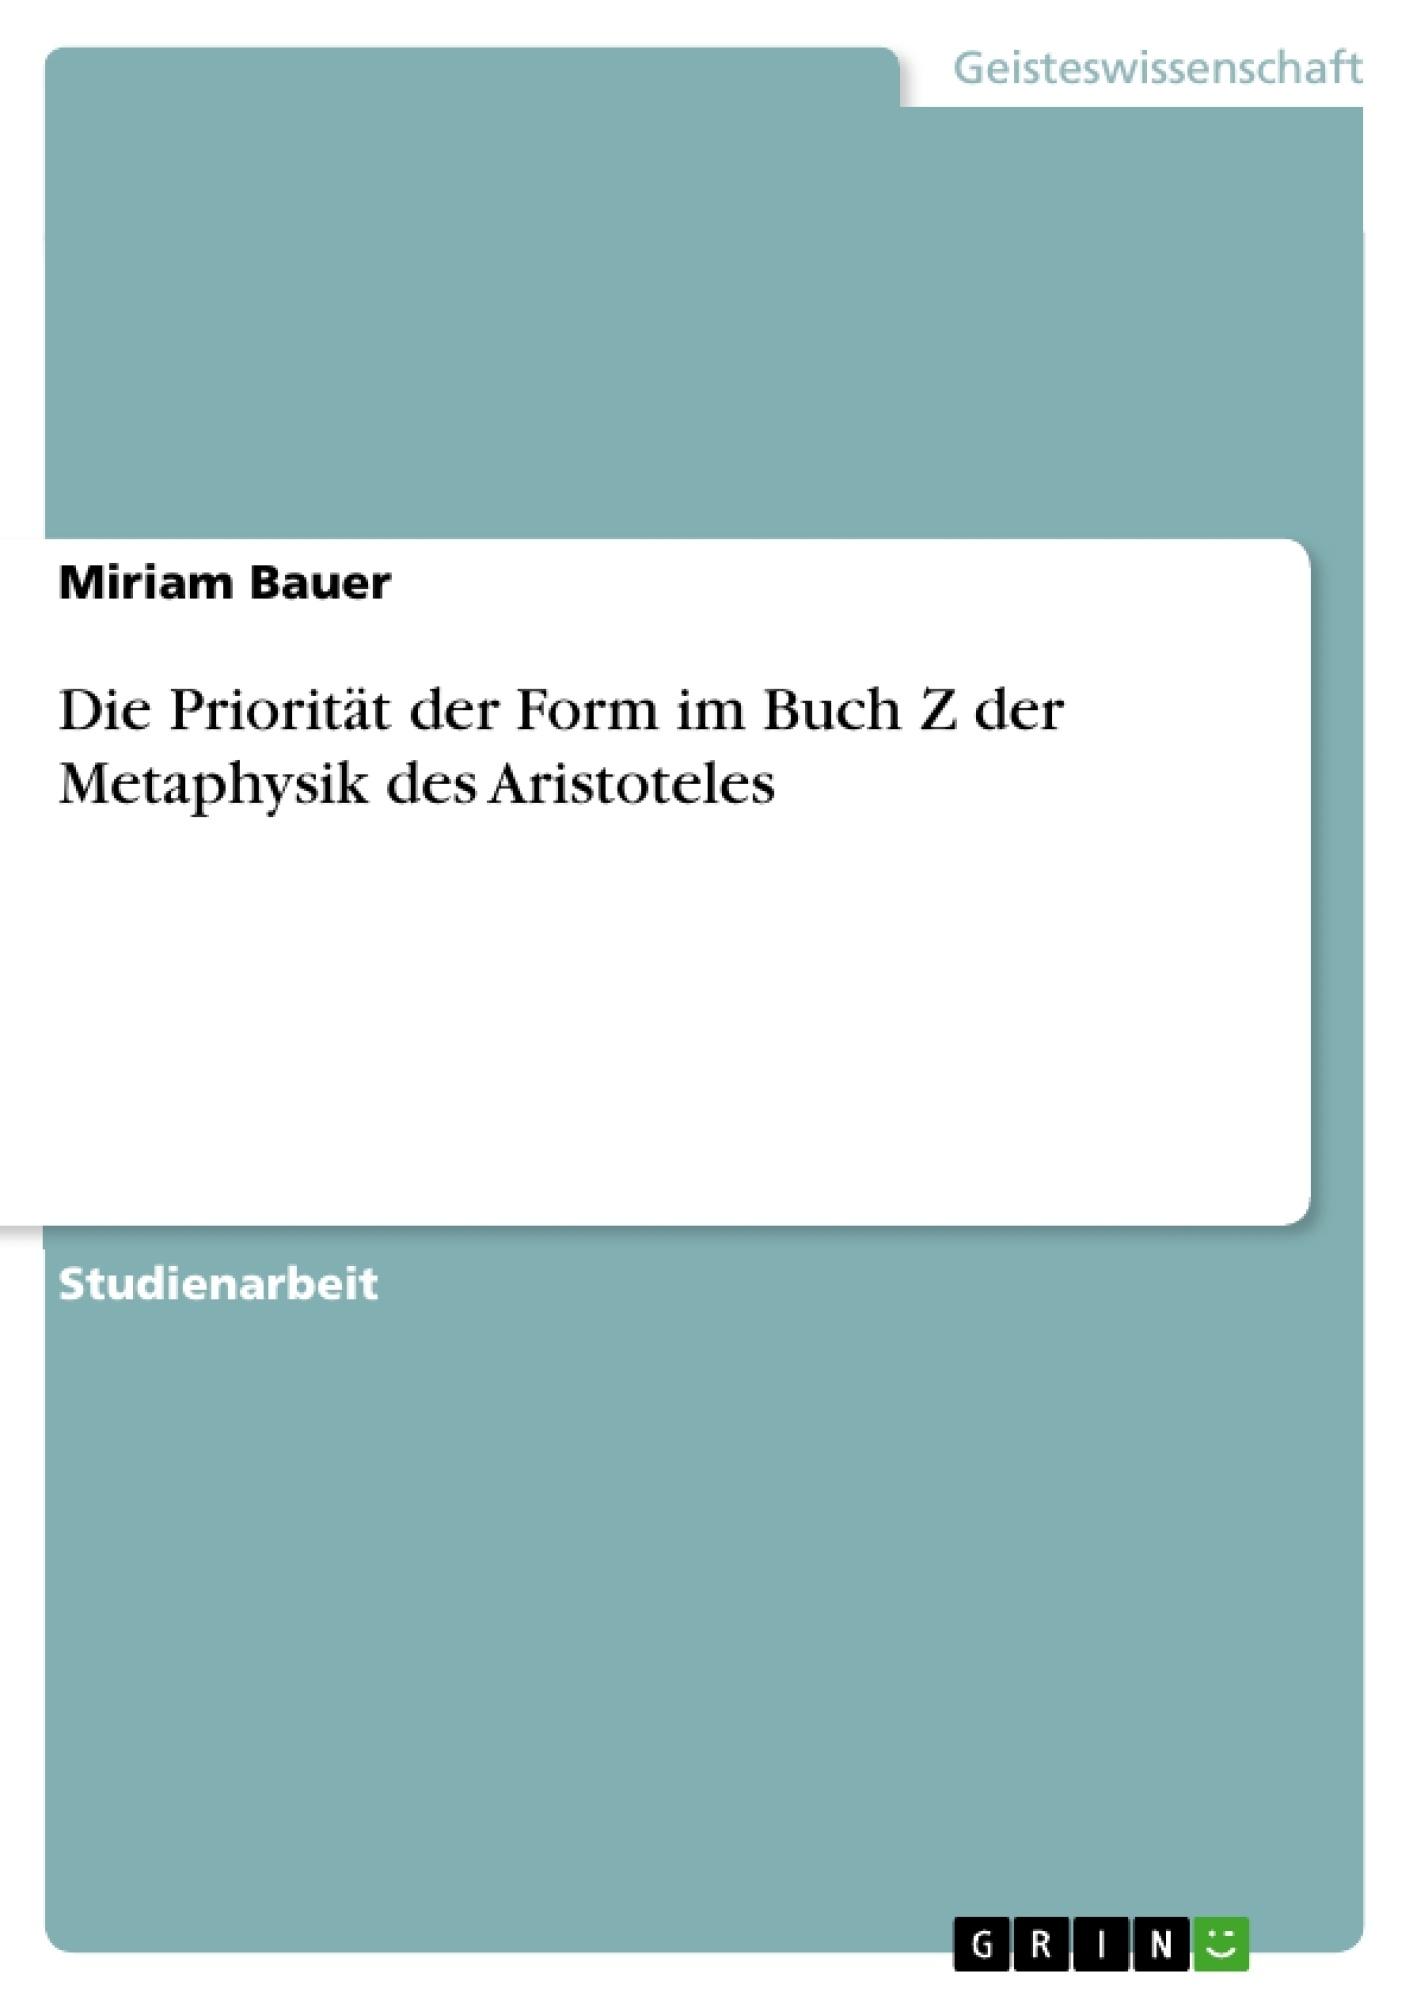 Titel: Die Priorität der Form im Buch Z der Metaphysik des Aristoteles